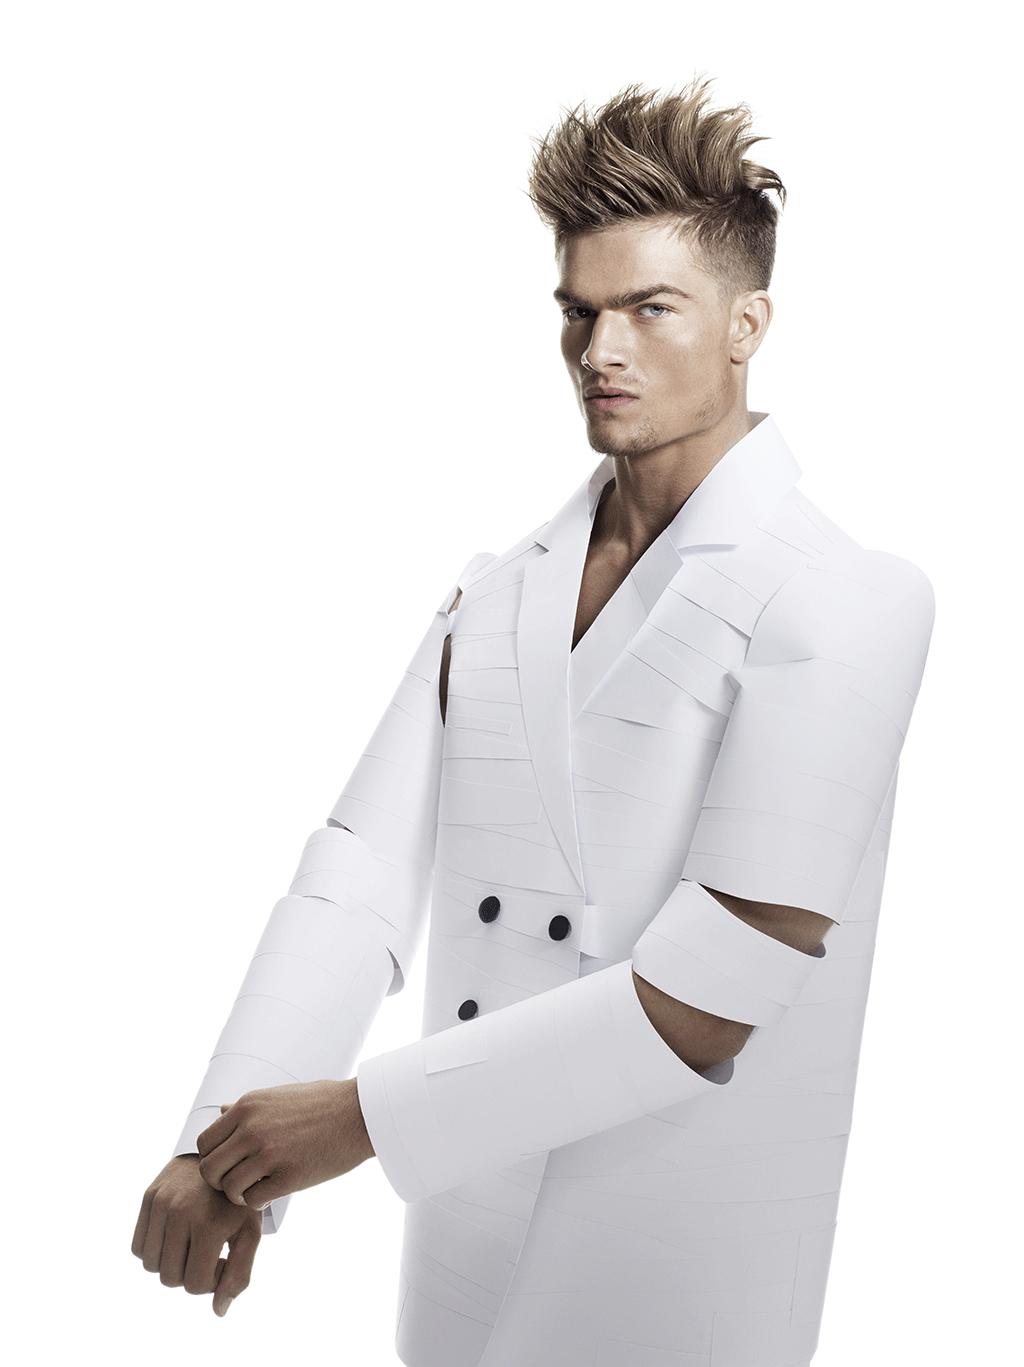 Blonde Männerfrisuren   Unsere Top 20 im März 2021